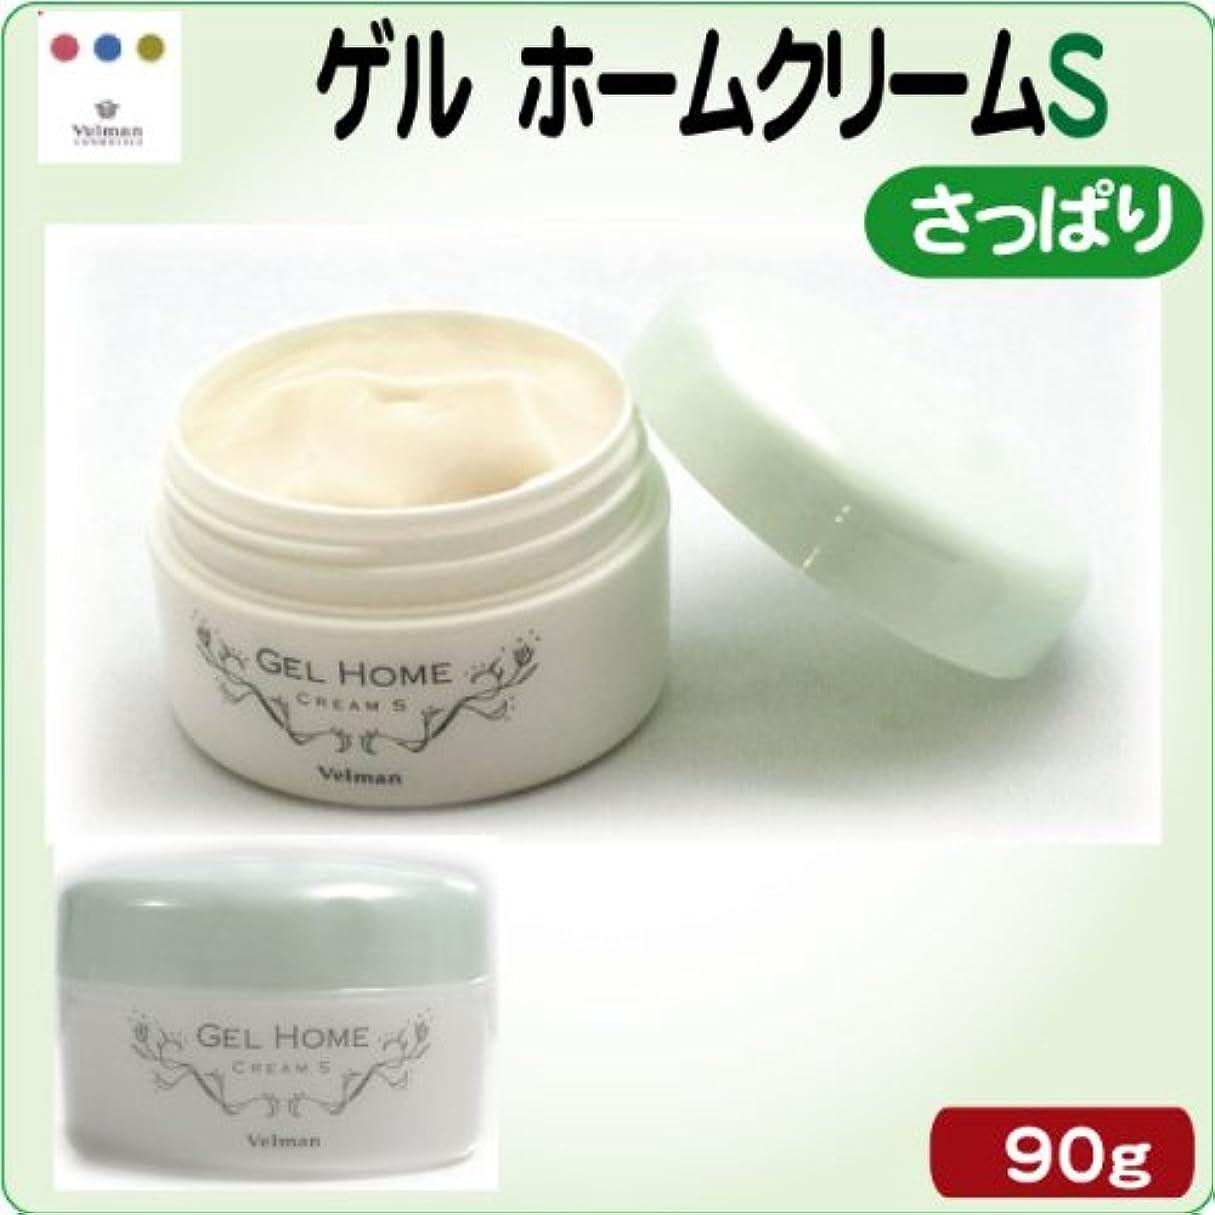 ペダル教育者タヒチベルマン化粧品 NONLOOSE ゲルホームクリームS 【さっぱりタイプ】 90g